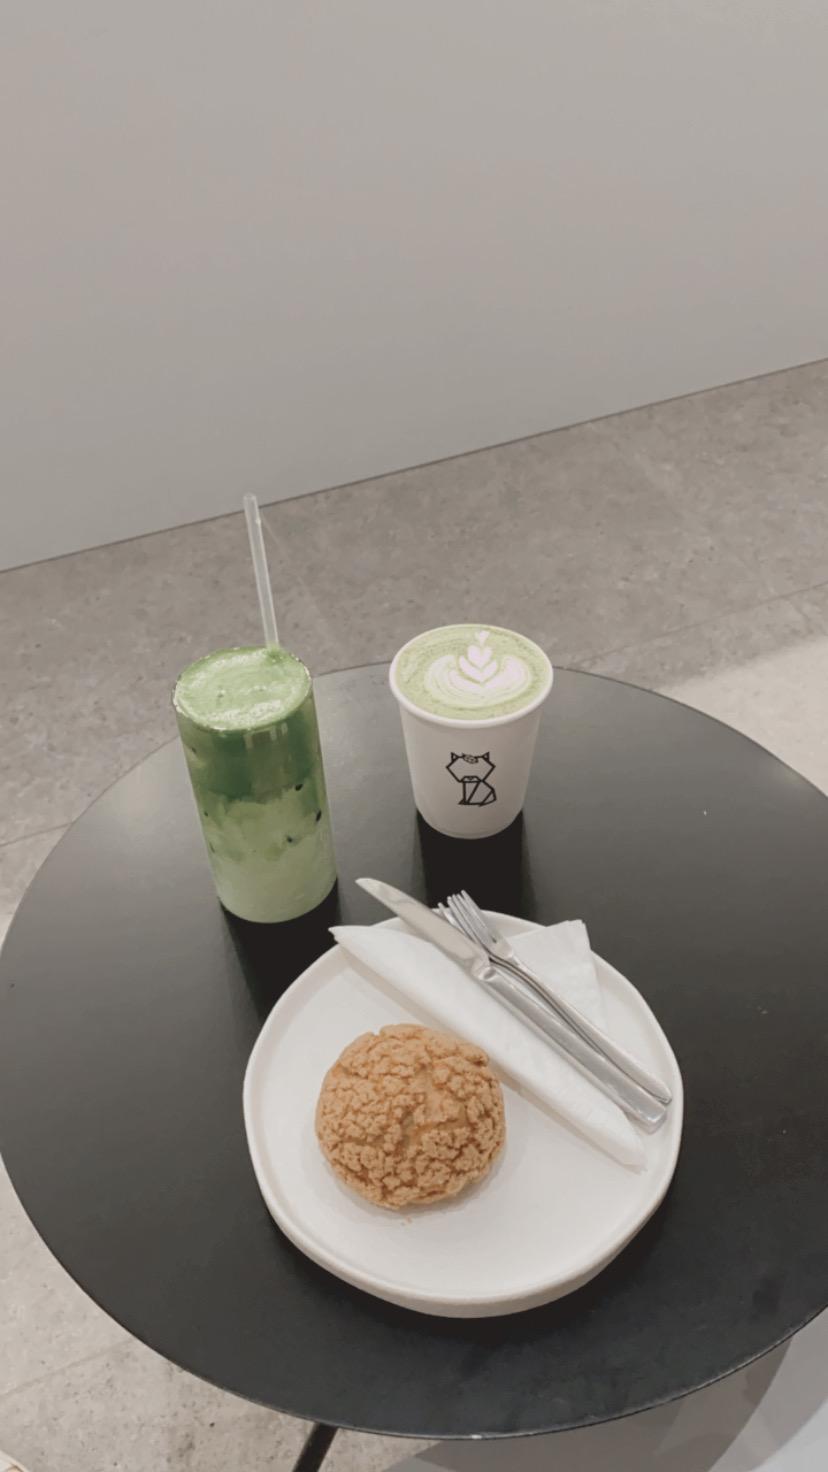 除了提供不同种类的抹茶,这里还可以顾客可以先选抹茶种类,然后再选择要配白开水、牛奶、豆奶或燕麦奶等。-方贝欣摄-